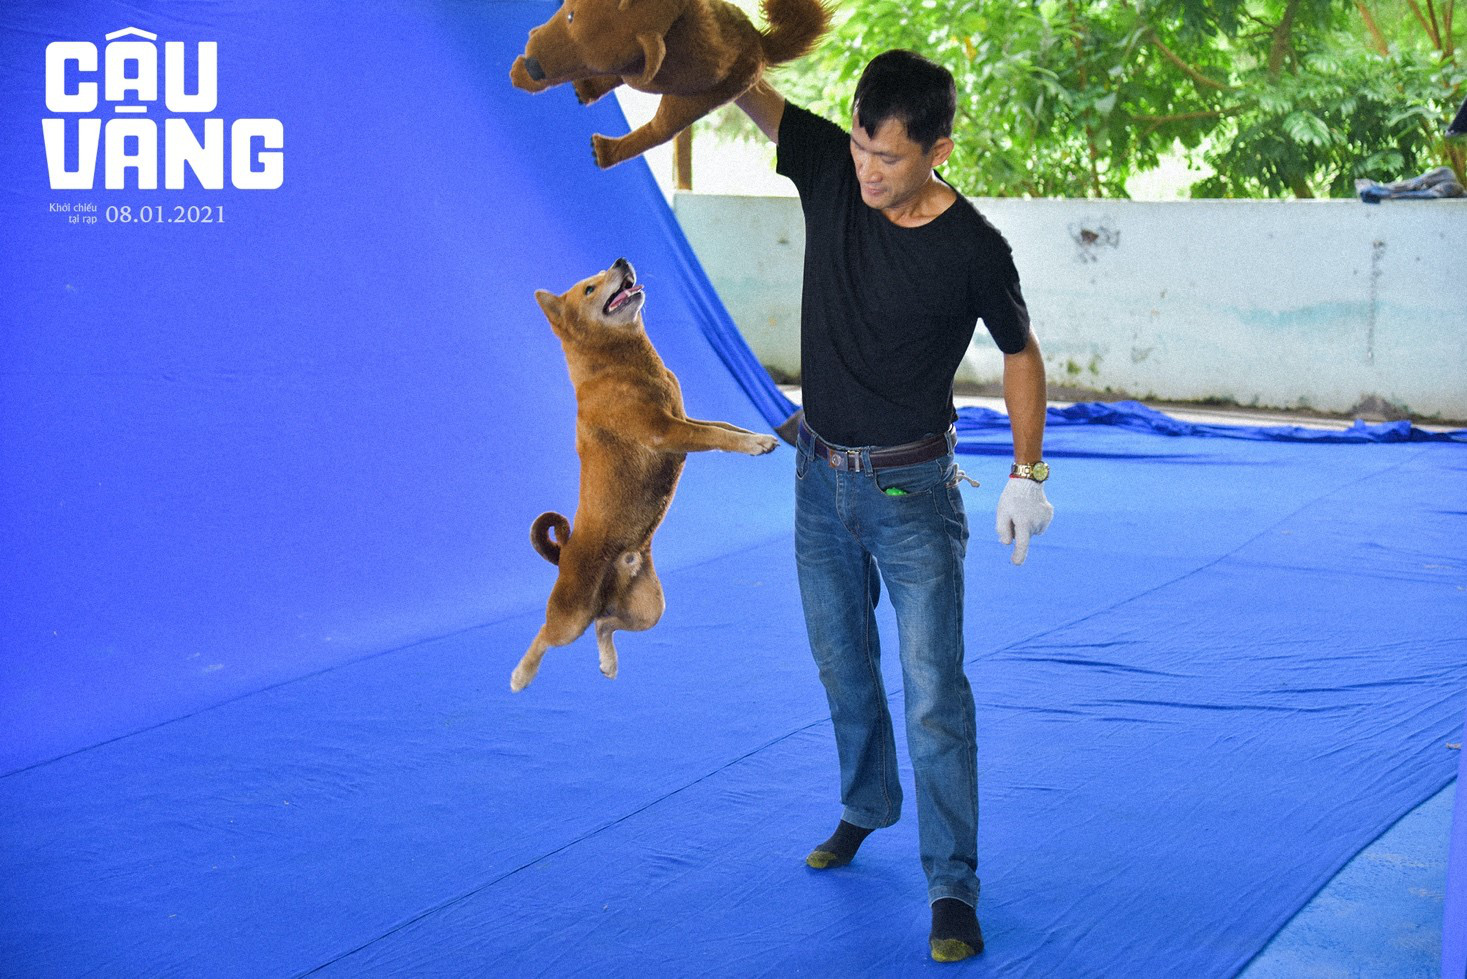 Gây tranh cãi từ khi xuất hiện, chó Shiba đã được huấn luyện thành cậu Vàng như thế nào - Ảnh 3.